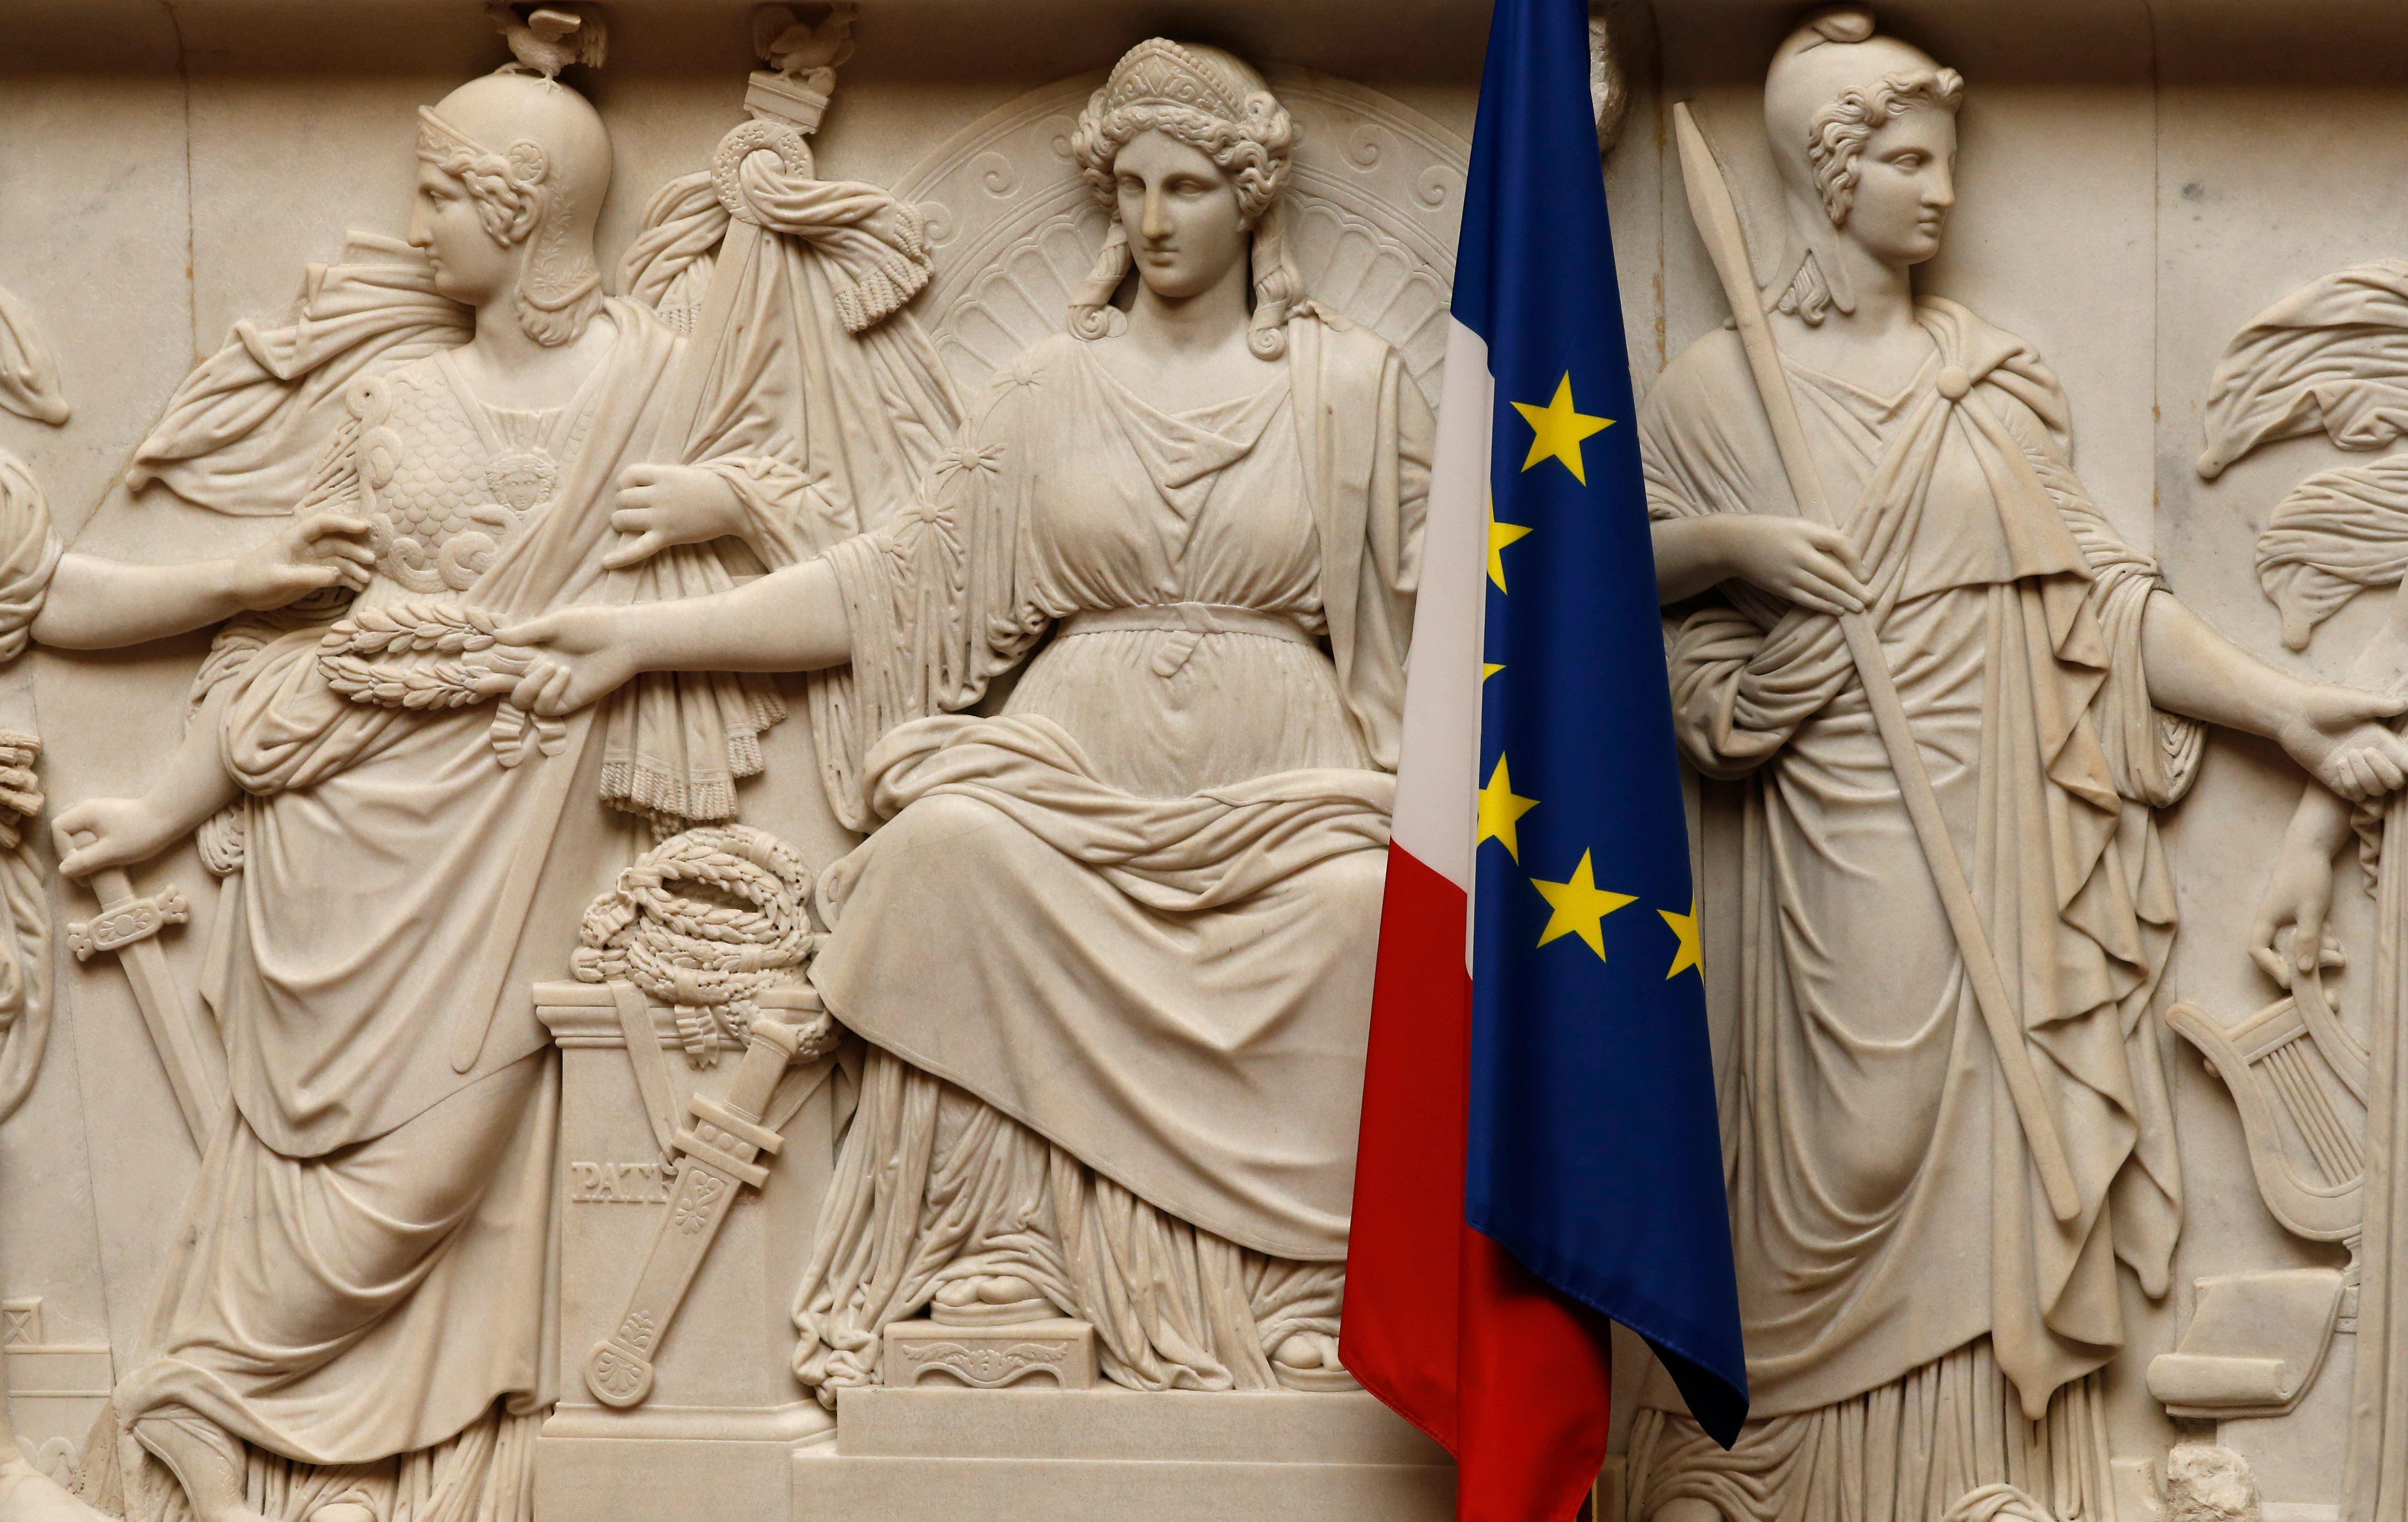 La lutte contre le terrorisme et l'état d'urgence sont au cœur des réactions politiques ce 21 juillet 2016